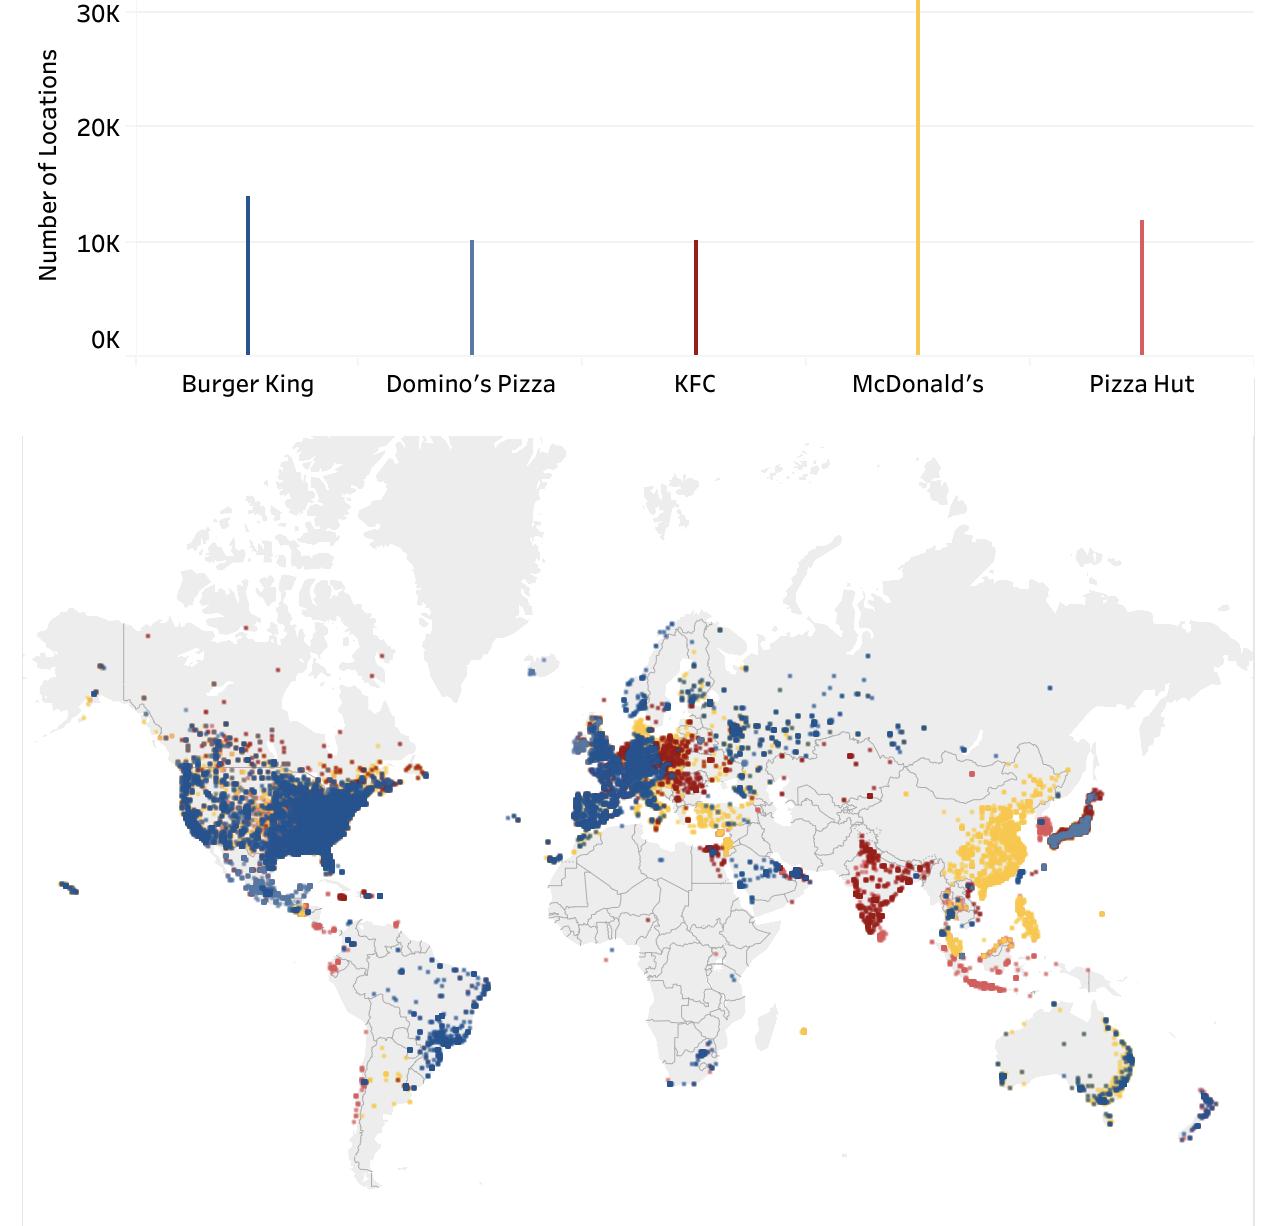 Global QSR Market Footprints